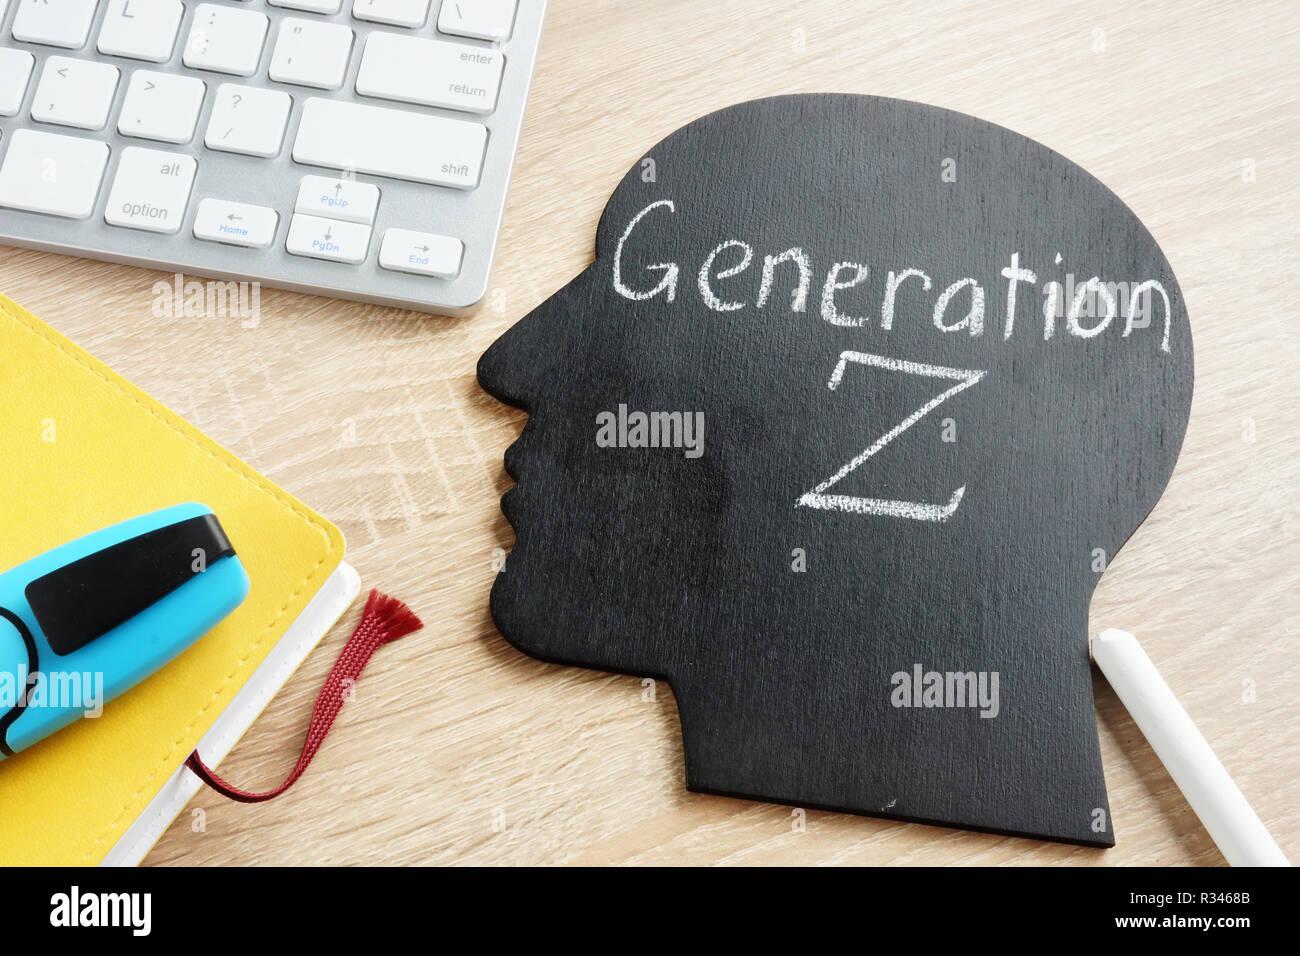 Generation Z written on a blackboard in the shape of a head. - Stock Image